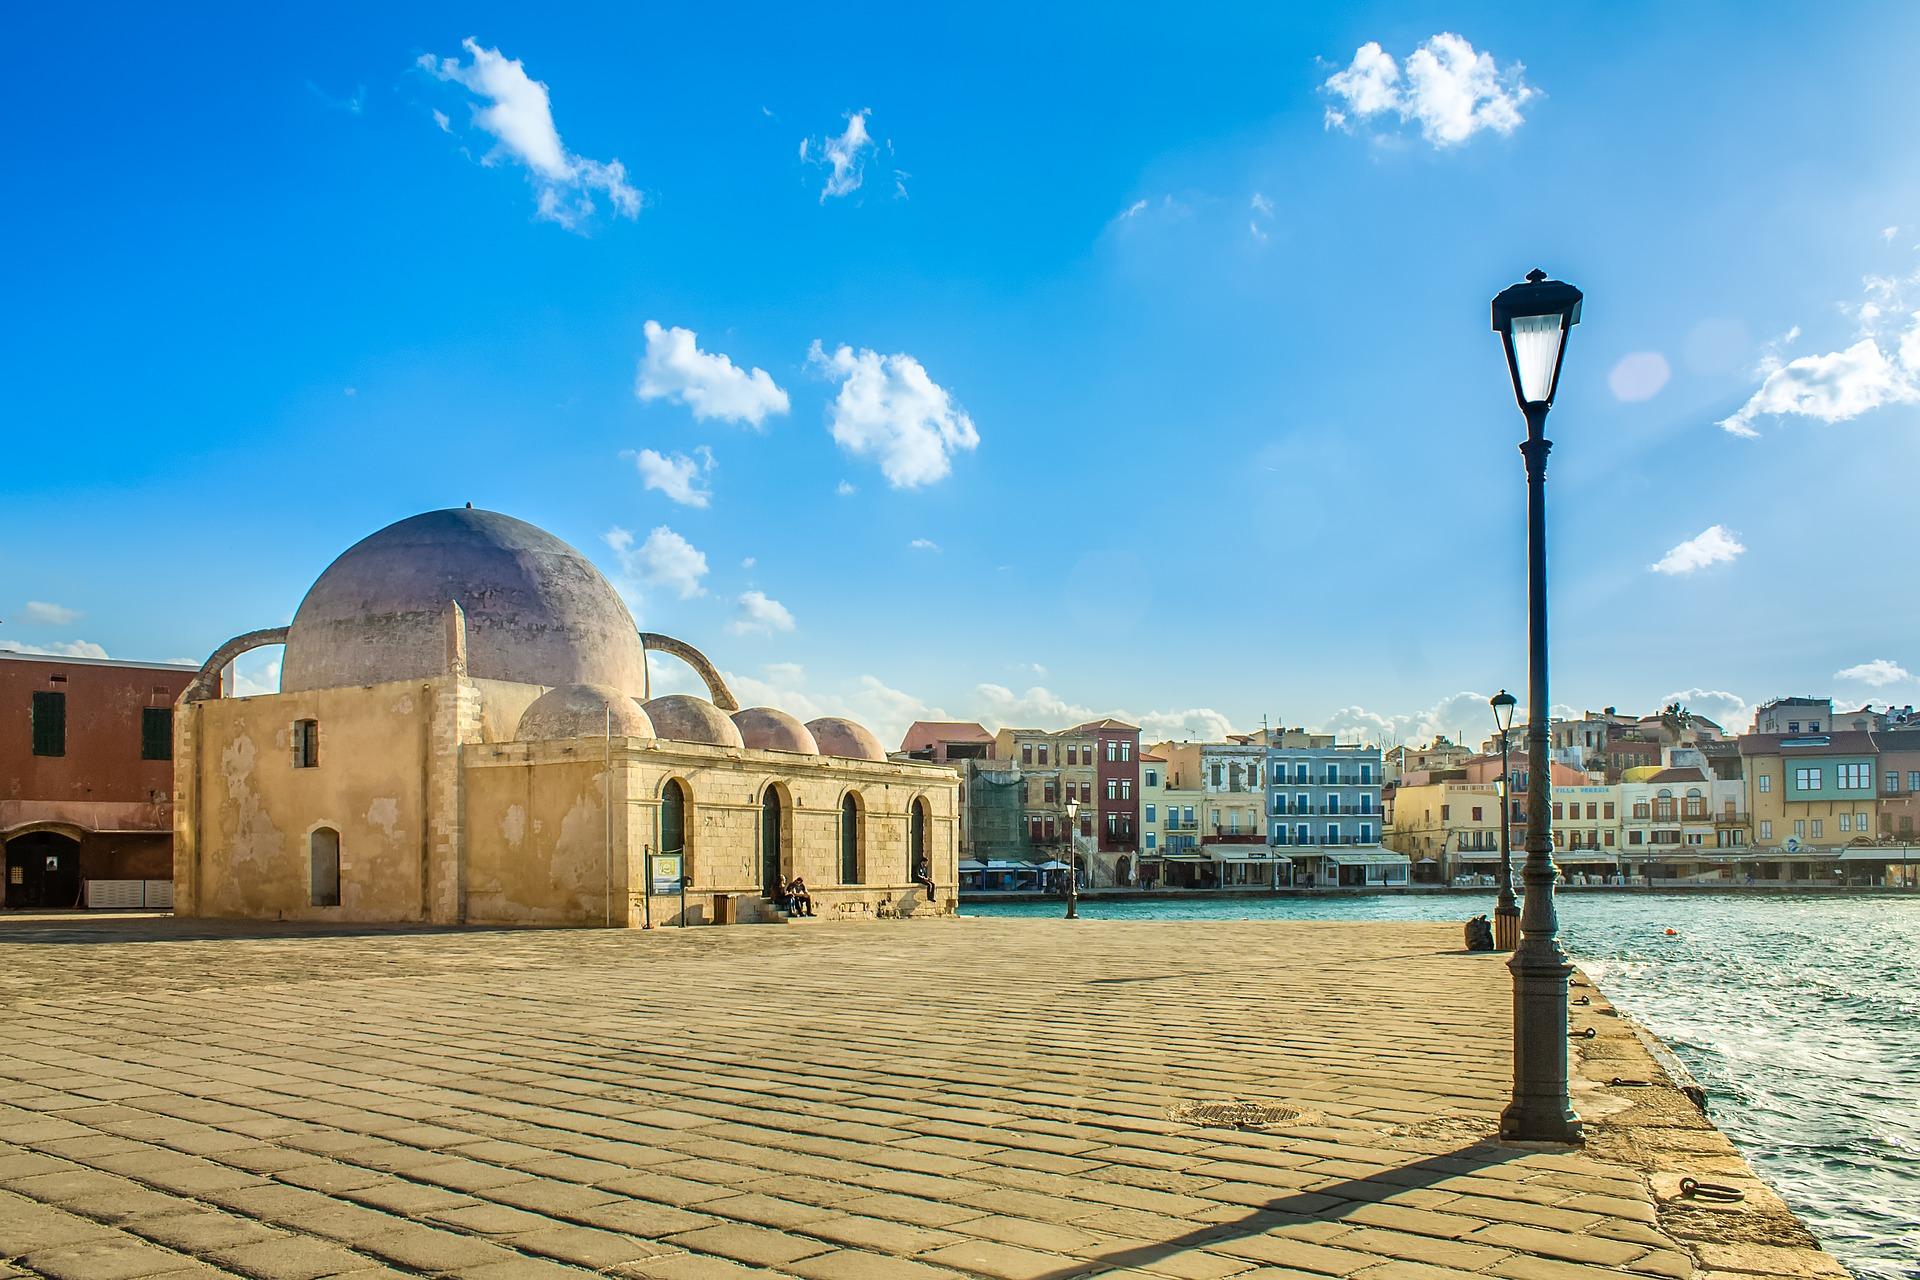 Chania die Altstadt am venezainischen Hafen -Kreta Reise